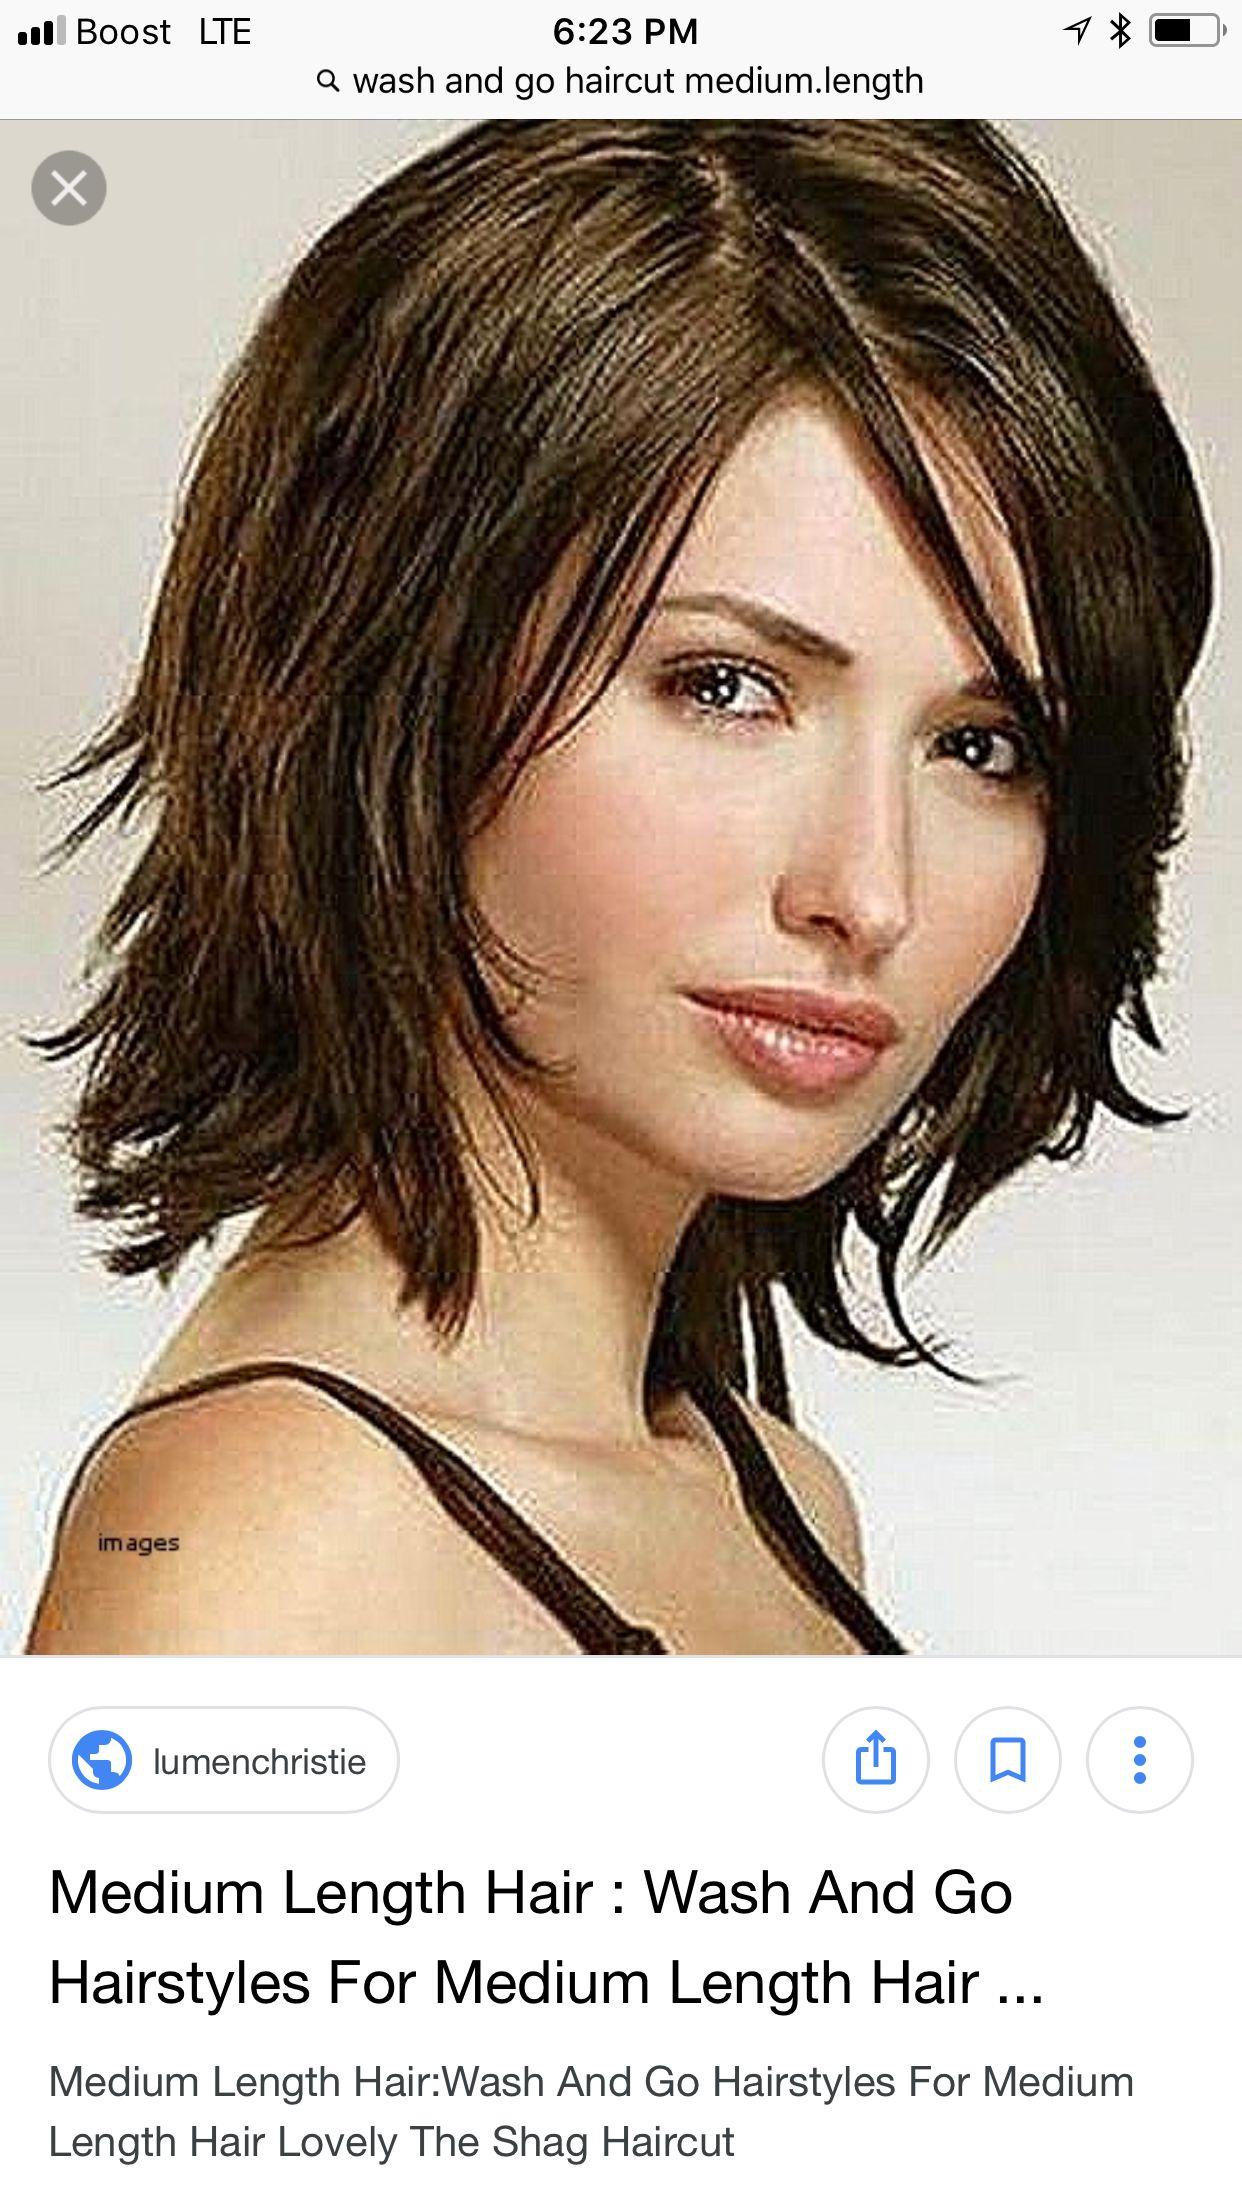 Pin Van Marja Van Yperen Op Hair Kapsels Halflang Kapsel Kapsel Halflang Haar Laagjes